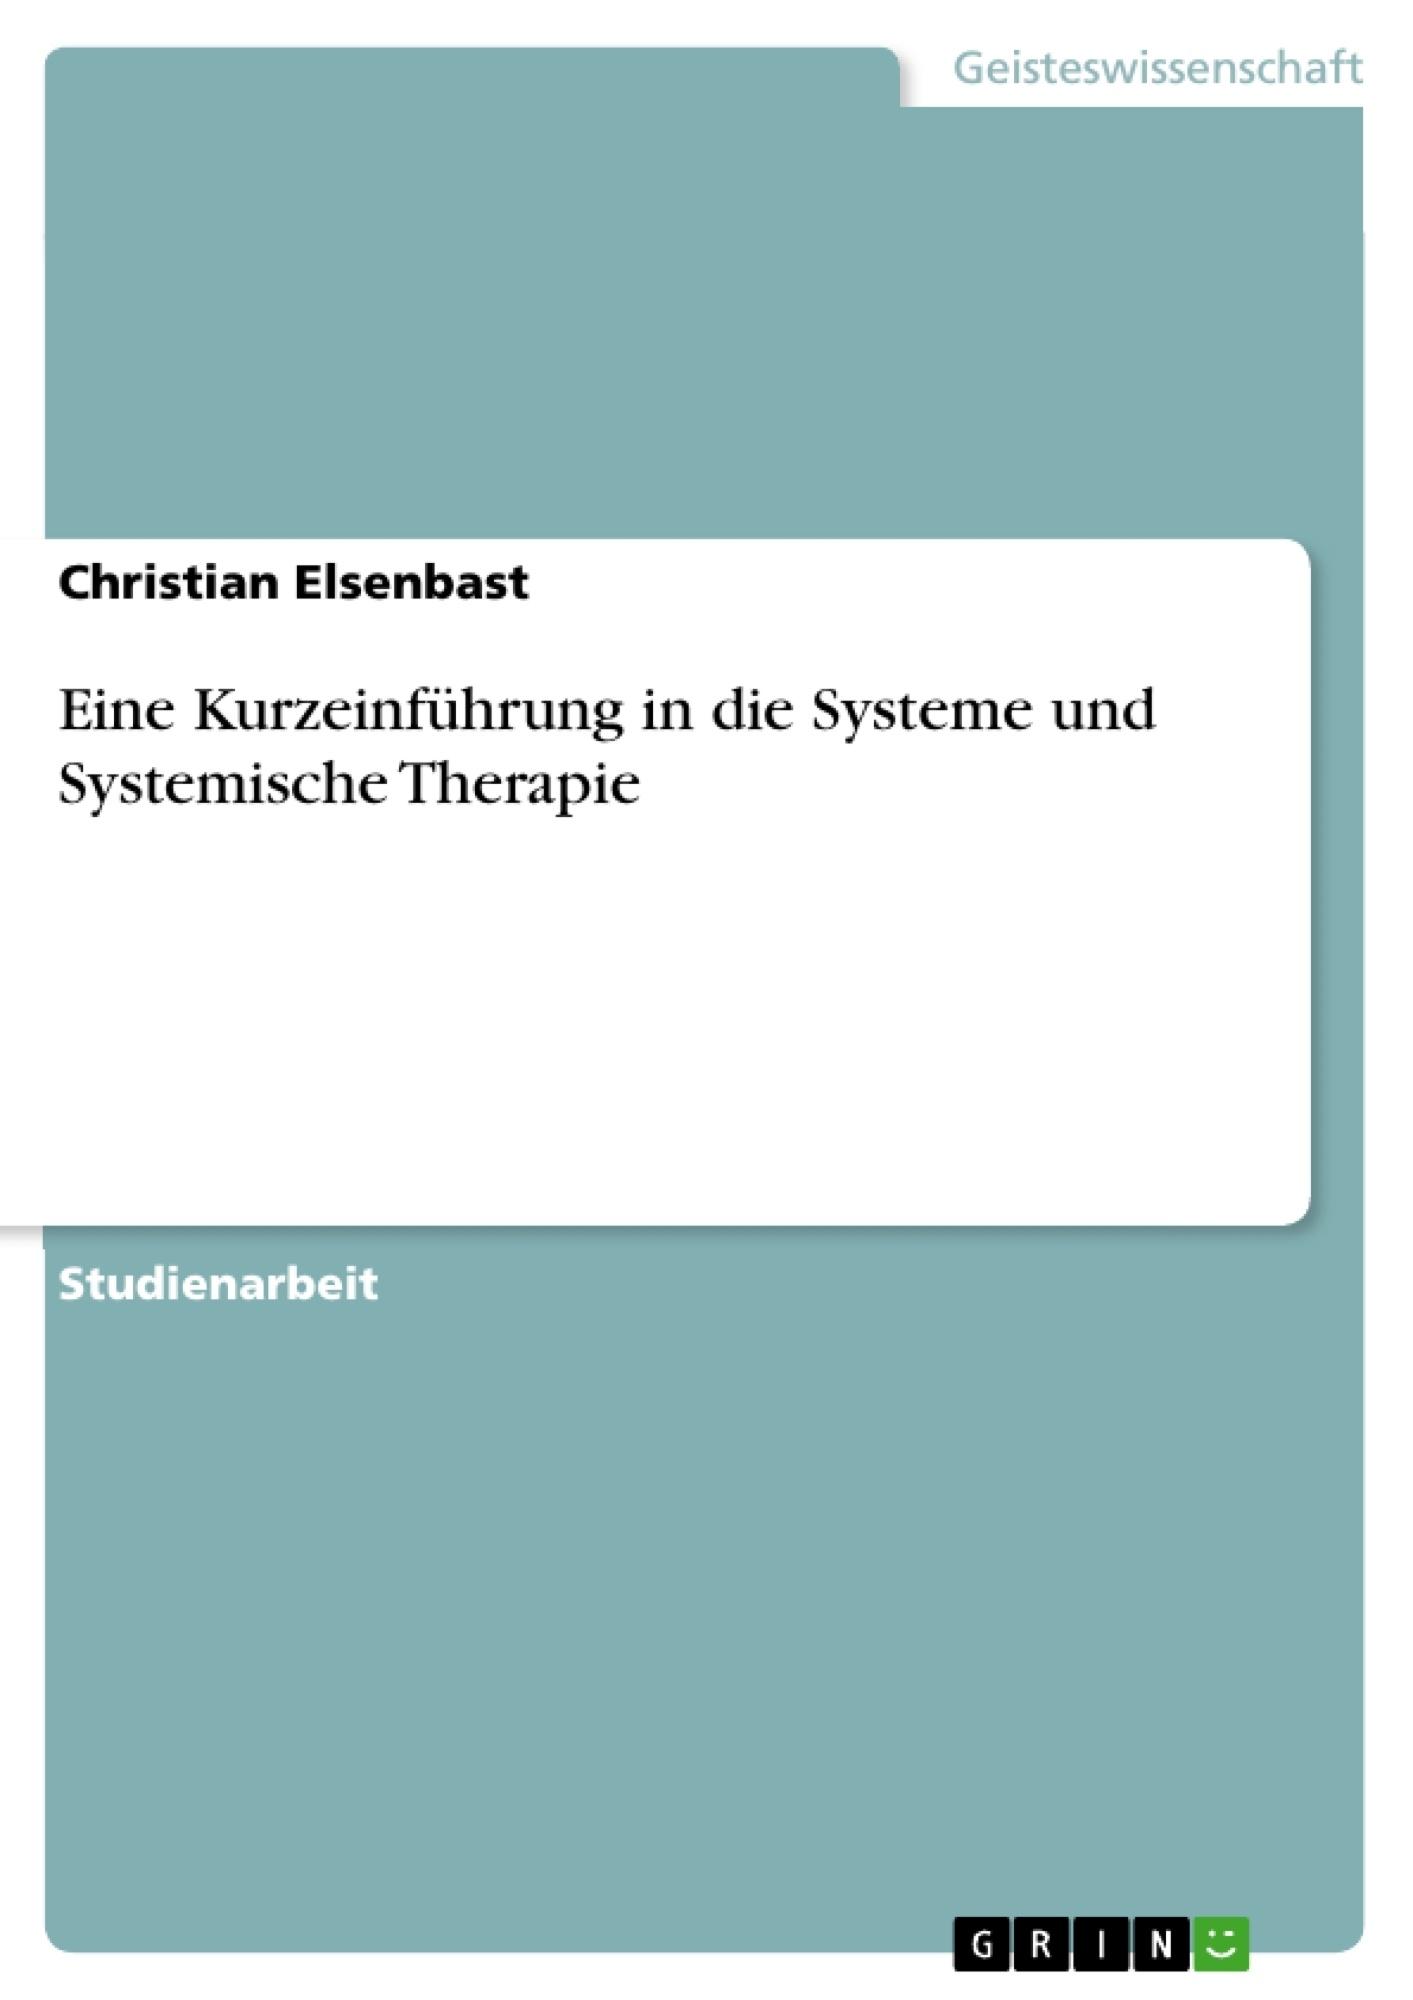 Titel: Eine Kurzeinführung in die Systeme und Systemische Therapie